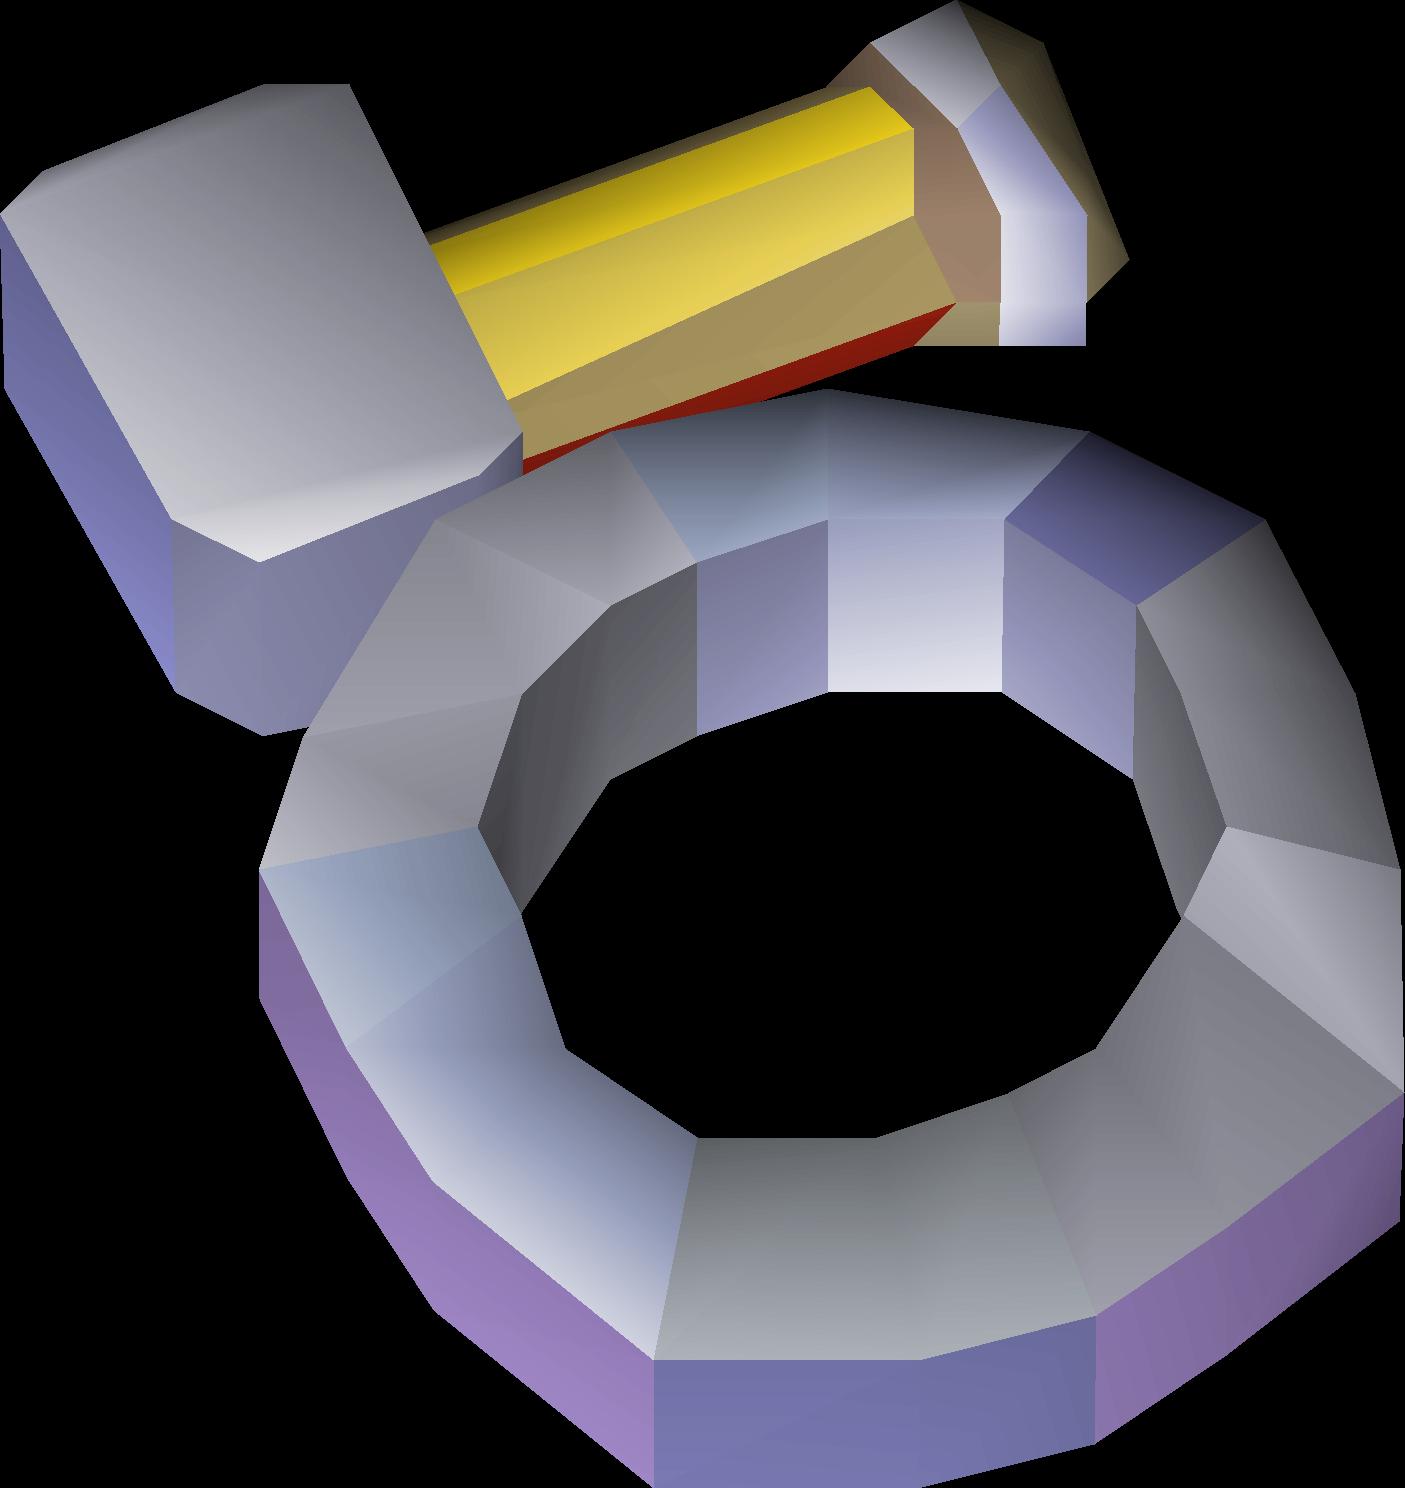 Berserker ring - OSRS Wiki